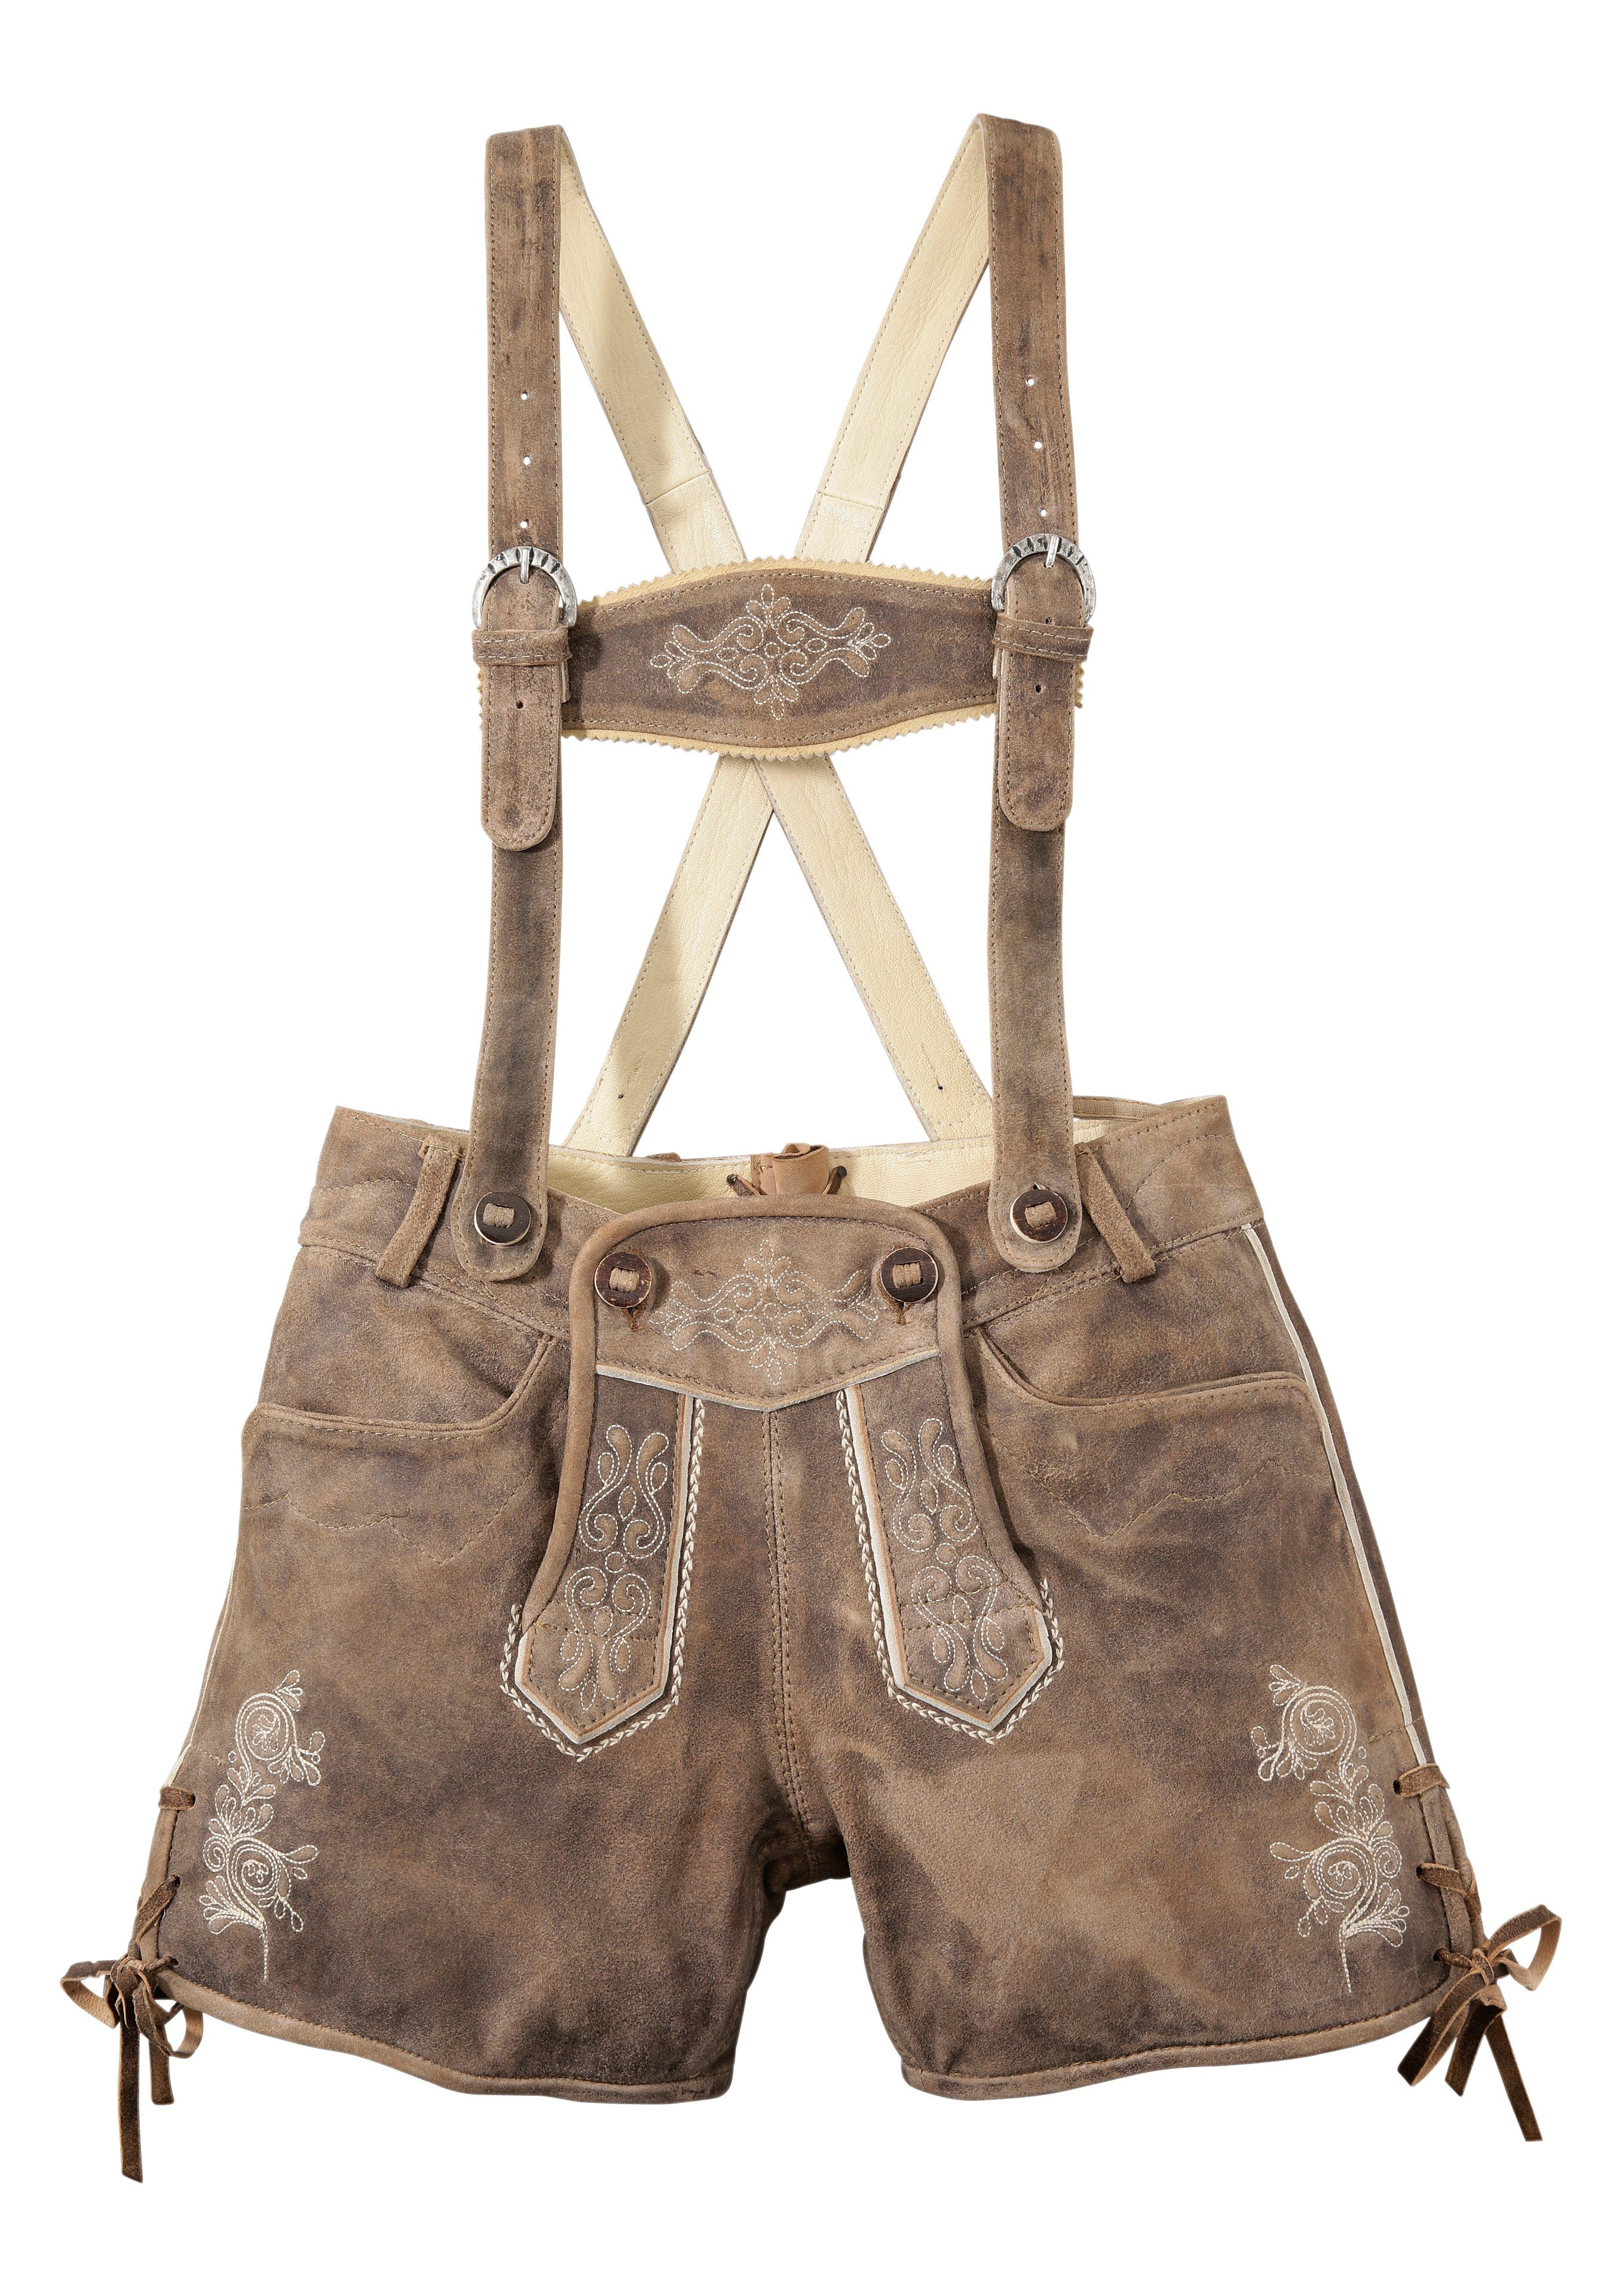 Almsach Trachtenlederhose kurz Damen mit Stickerei | Bekleidung > Hosen > Lederhosen & Kunstlederhosen | Braun | Almsach